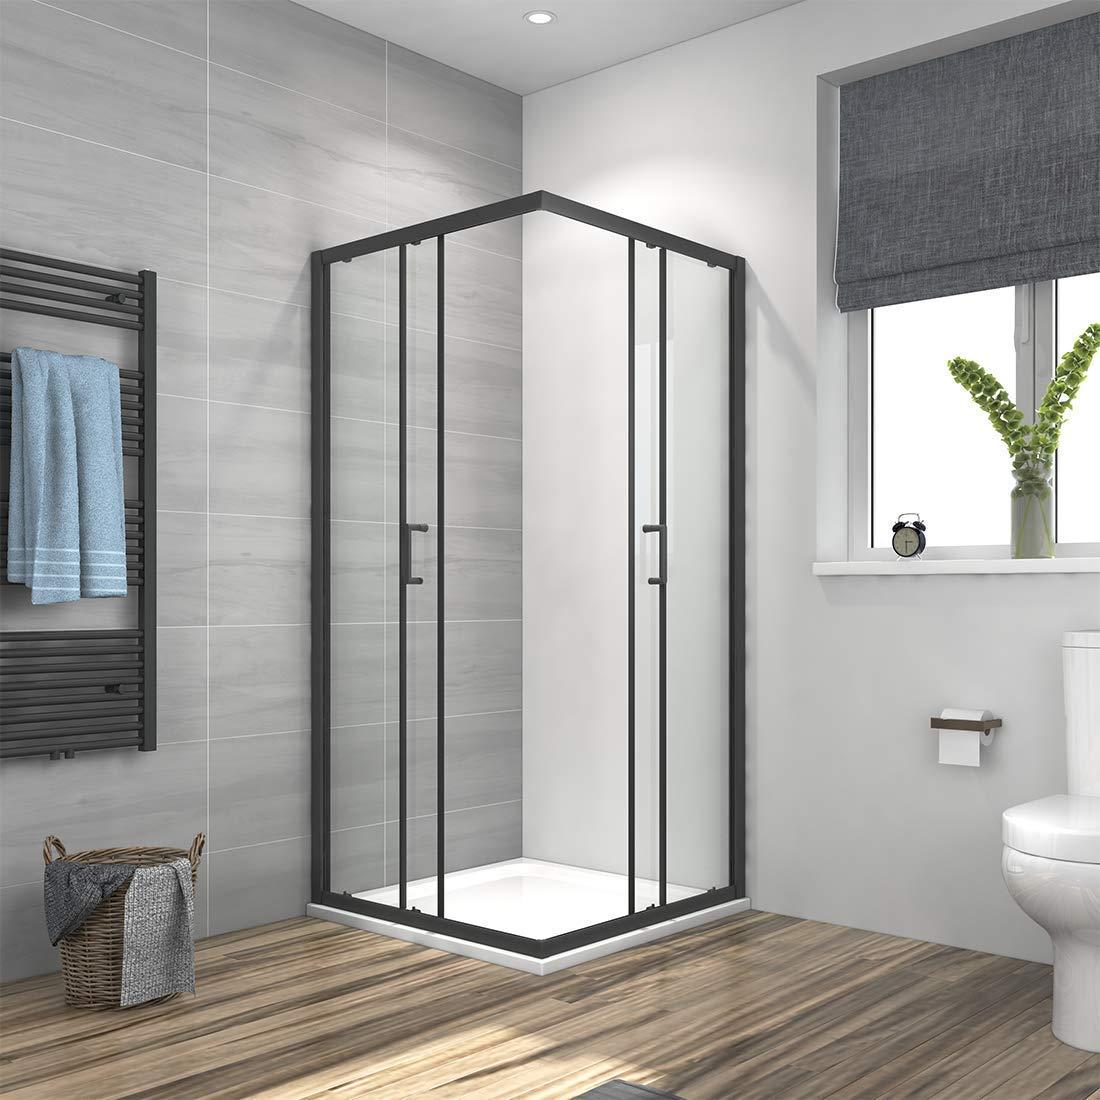 Meykoe Cabina de ducha esquinera con puerta corredera con marco negro, mampara de ducha, esquina, entrada de cristal, altura 190 cm: Amazon.es: Bricolaje y herramientas